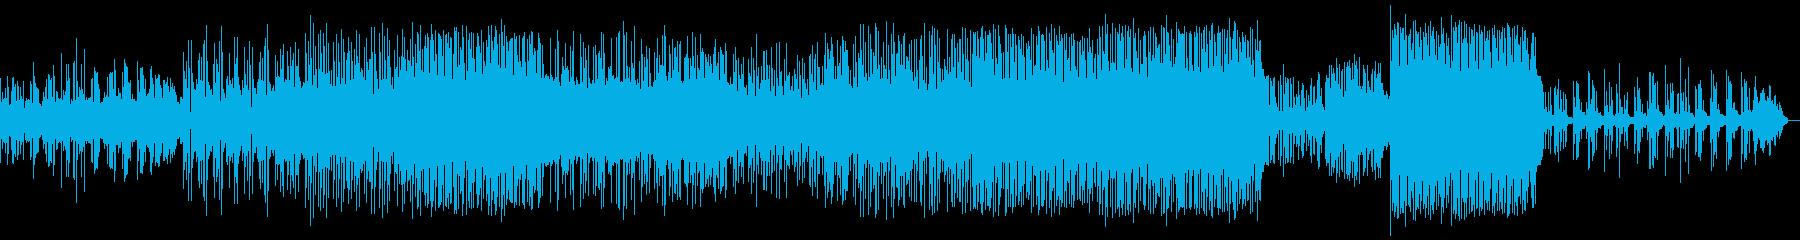 夏の終わりを彩る儚く切ないピアノバラードの再生済みの波形